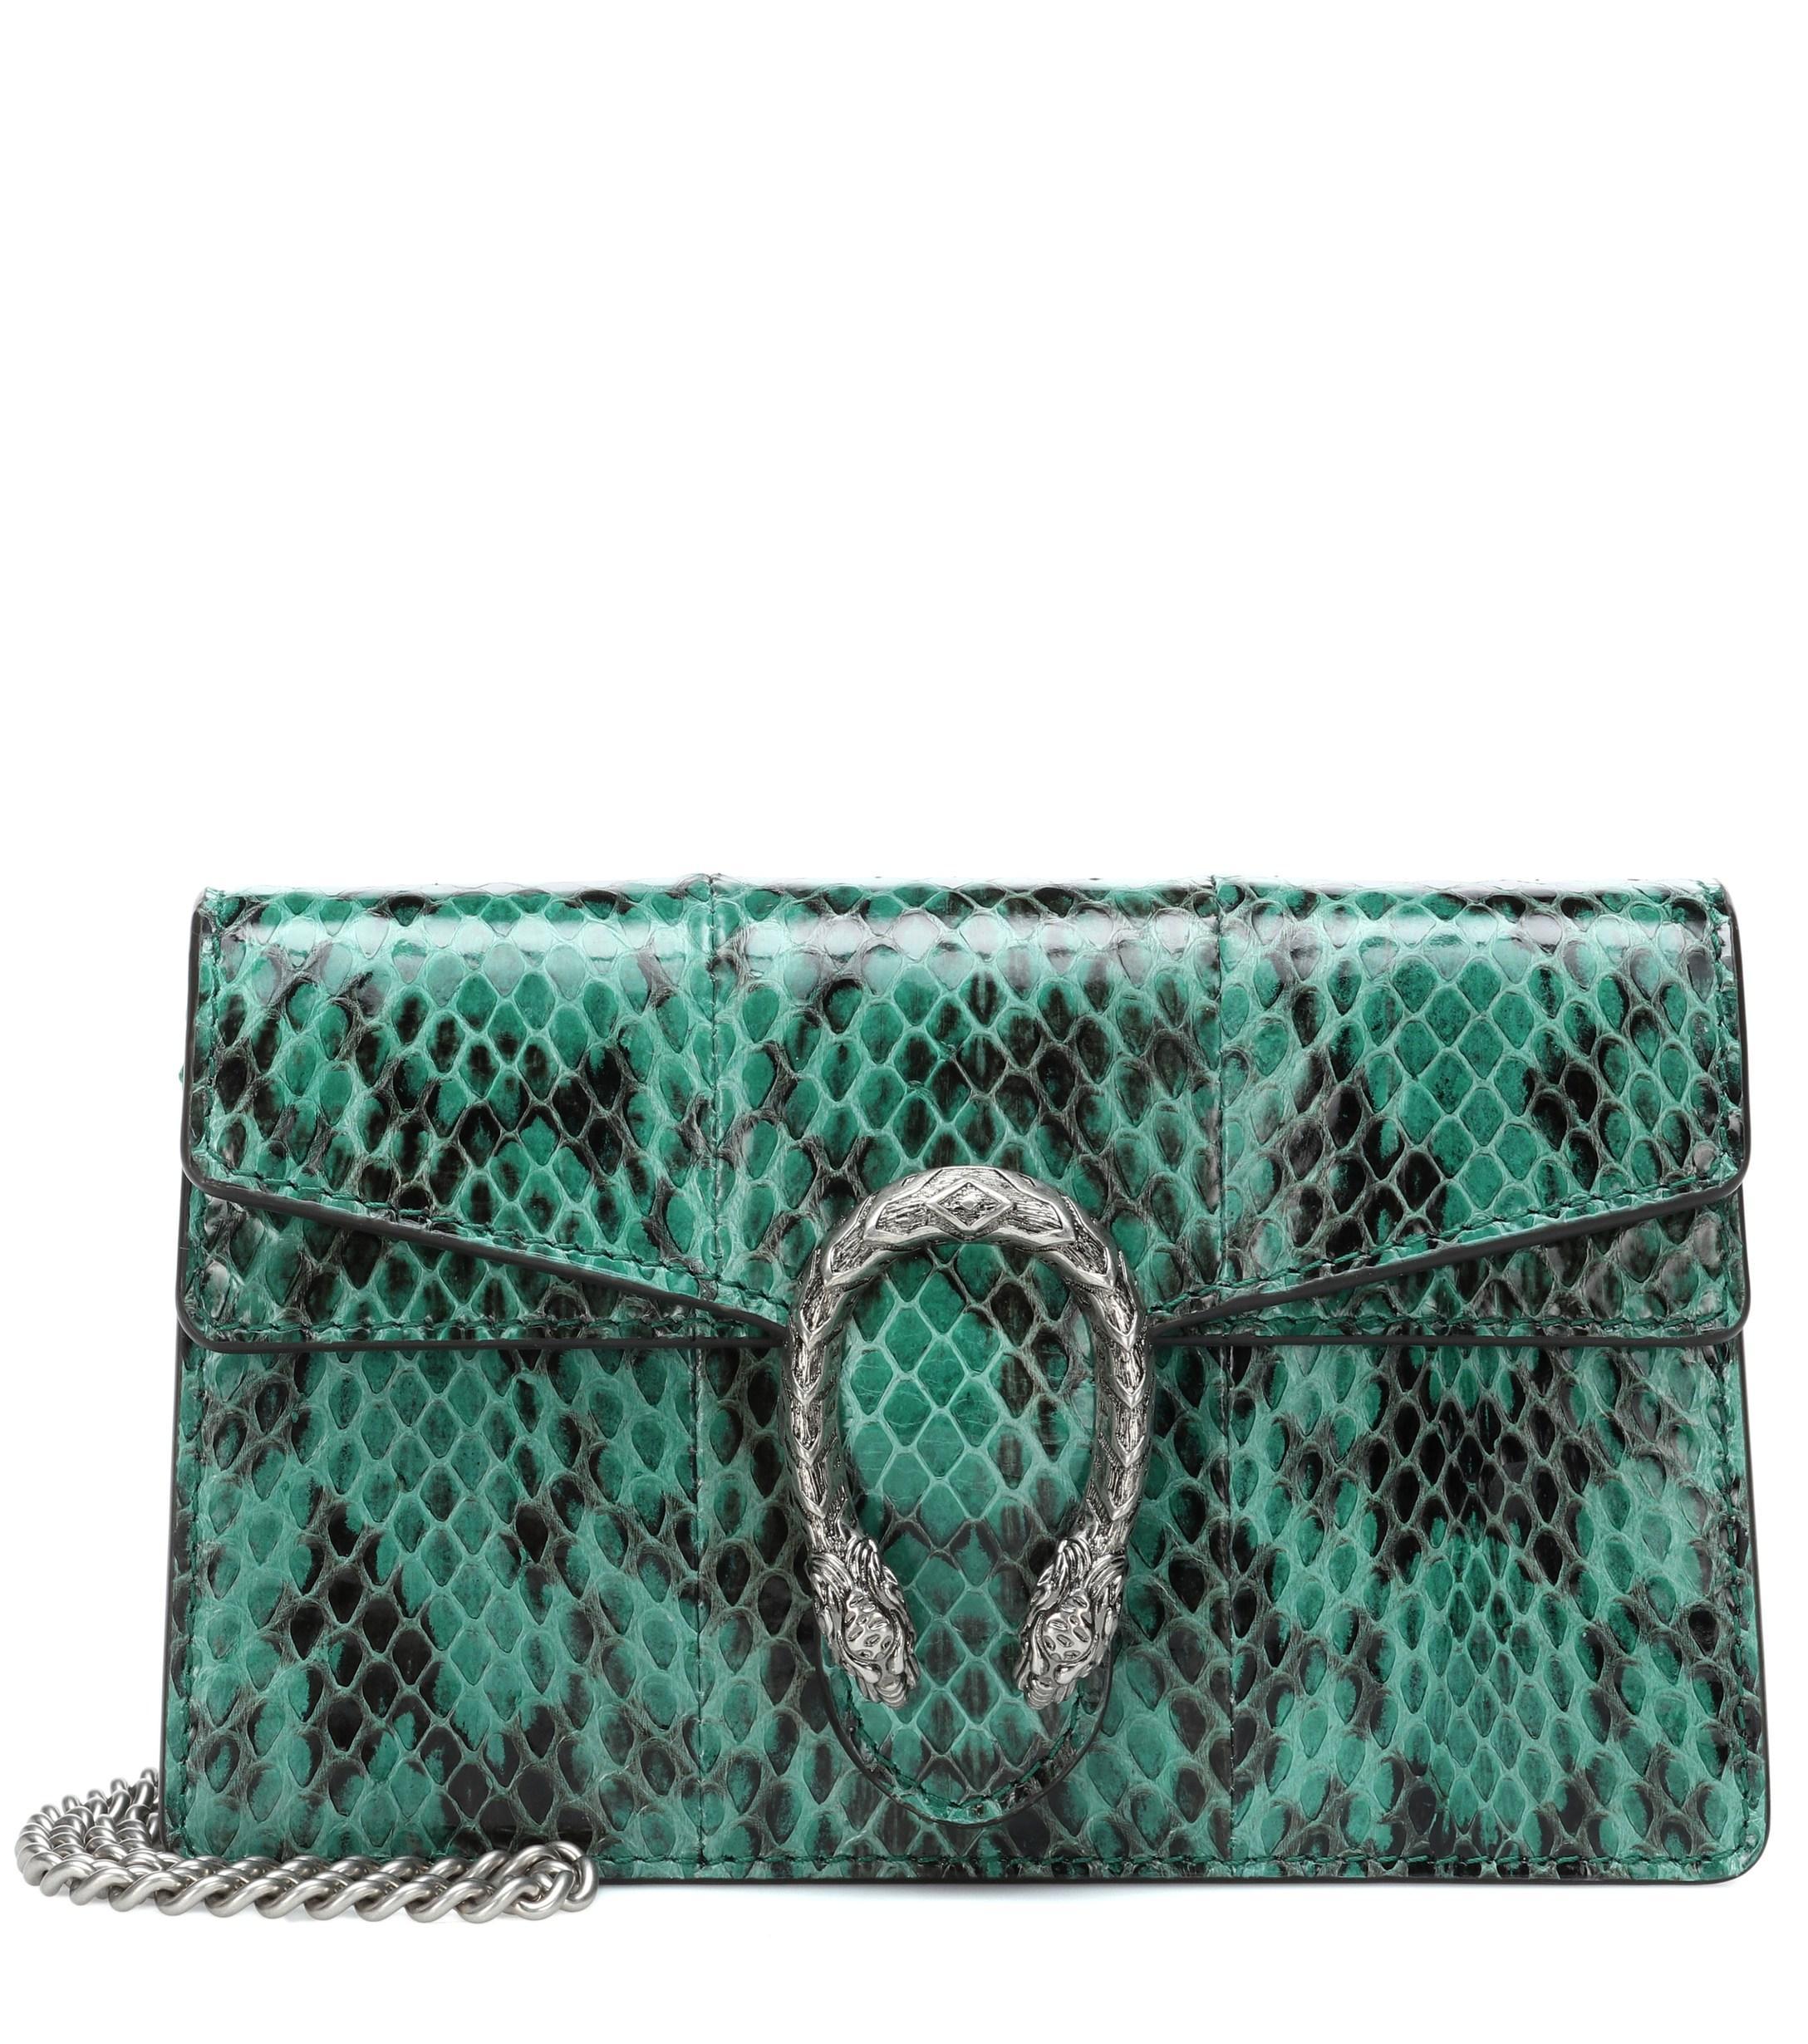 13ee4b600de1 Gucci Dionysus Super Mini Crossbody Bag in Green - Lyst